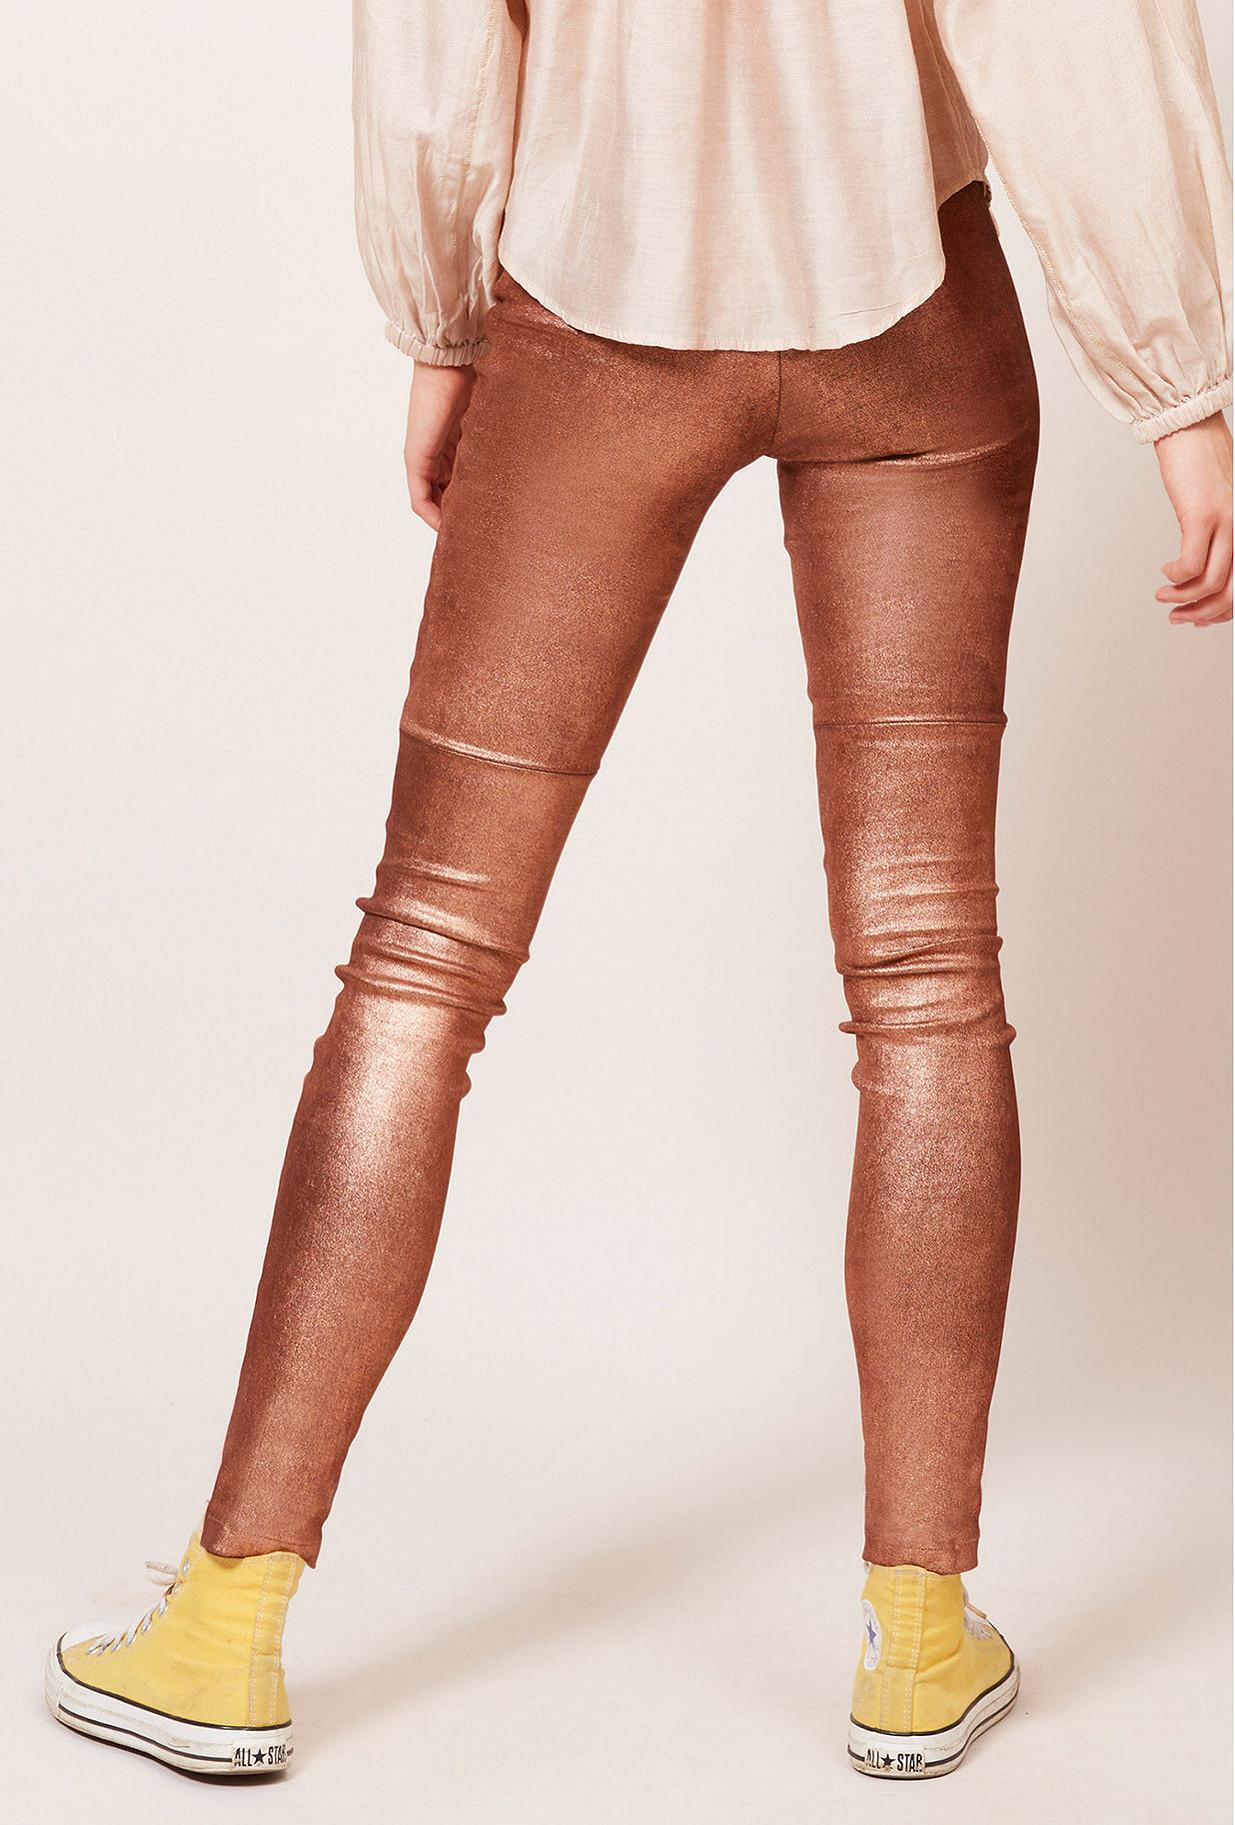 Pantalon Nude  Esther mes demoiselles paris vêtement femme paris